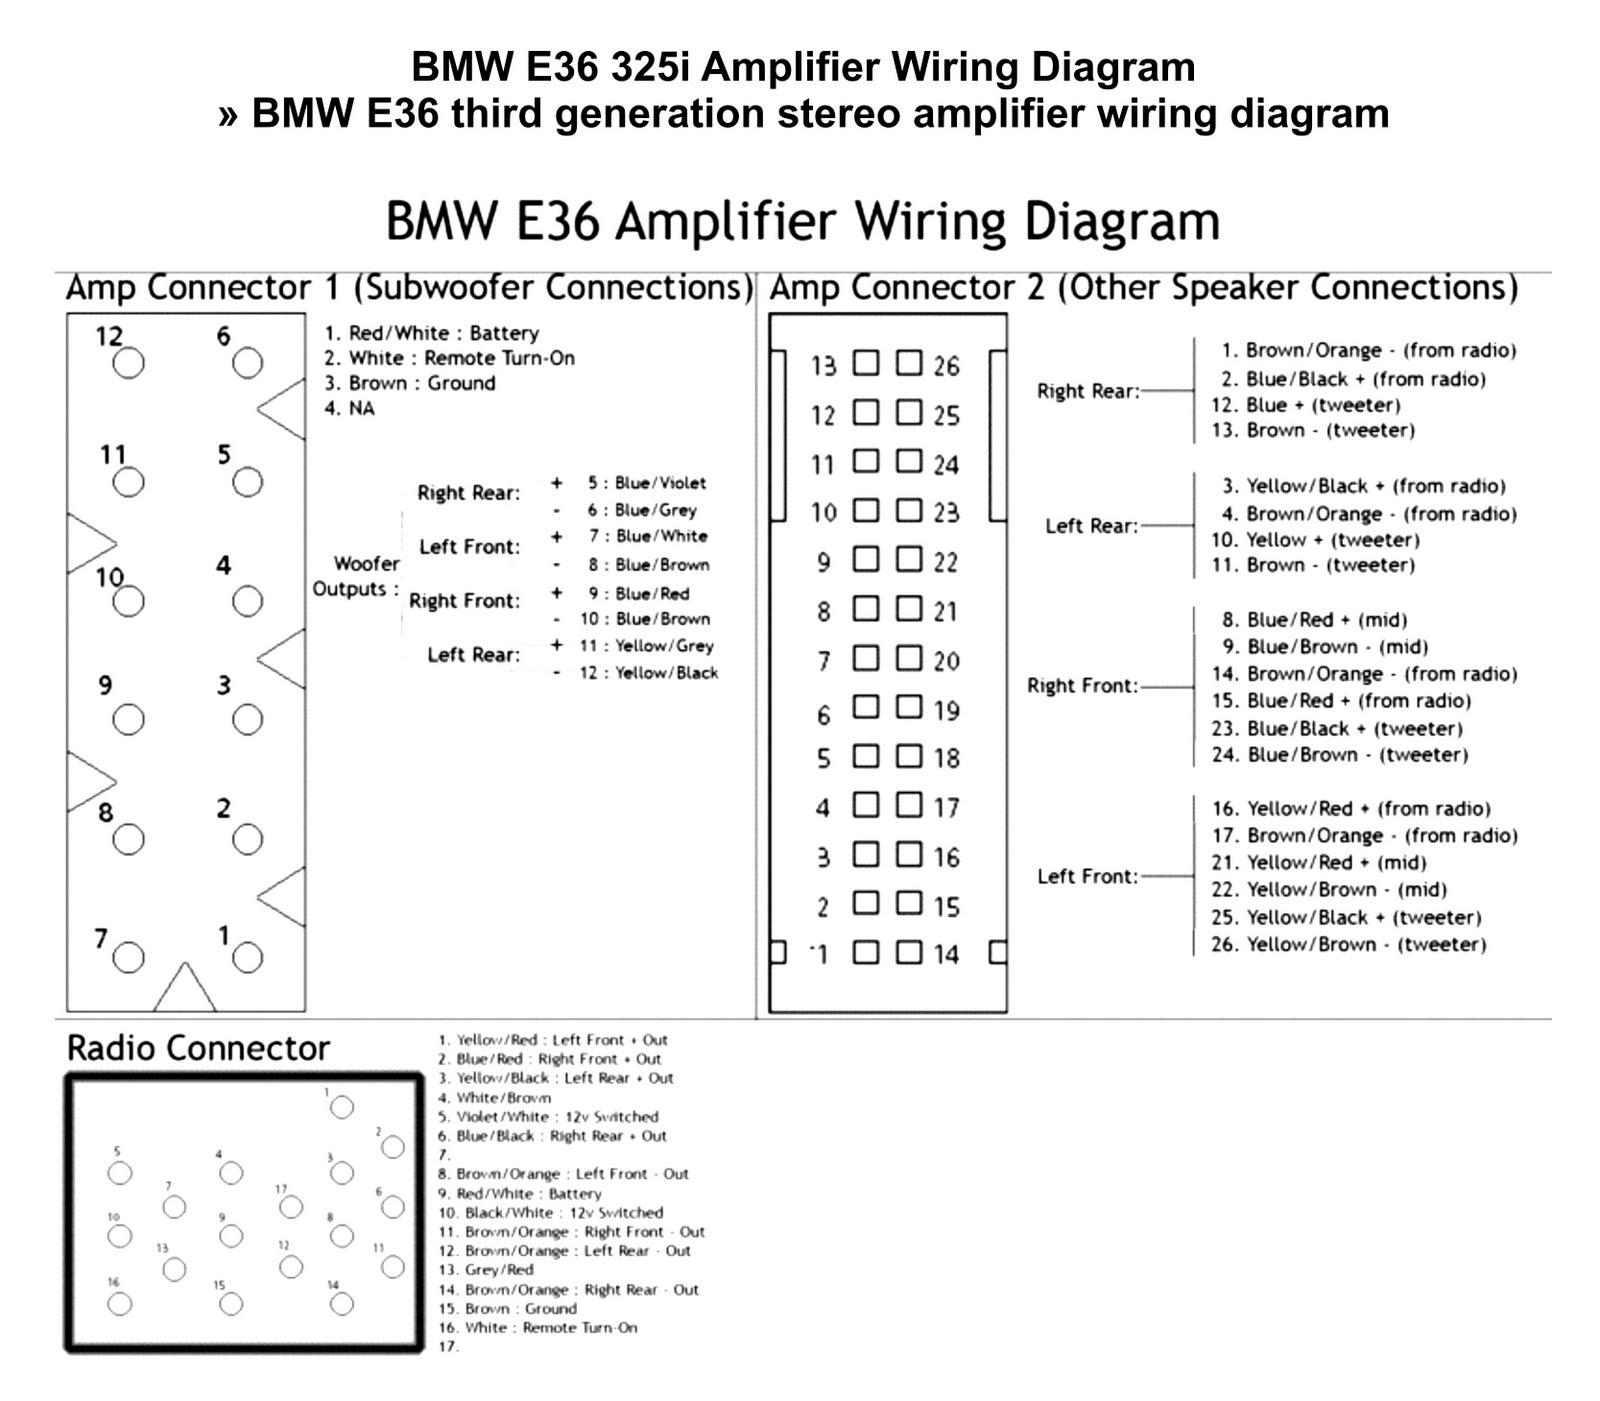 e36 head unit wiring diagram - dolgular, Wiring diagram